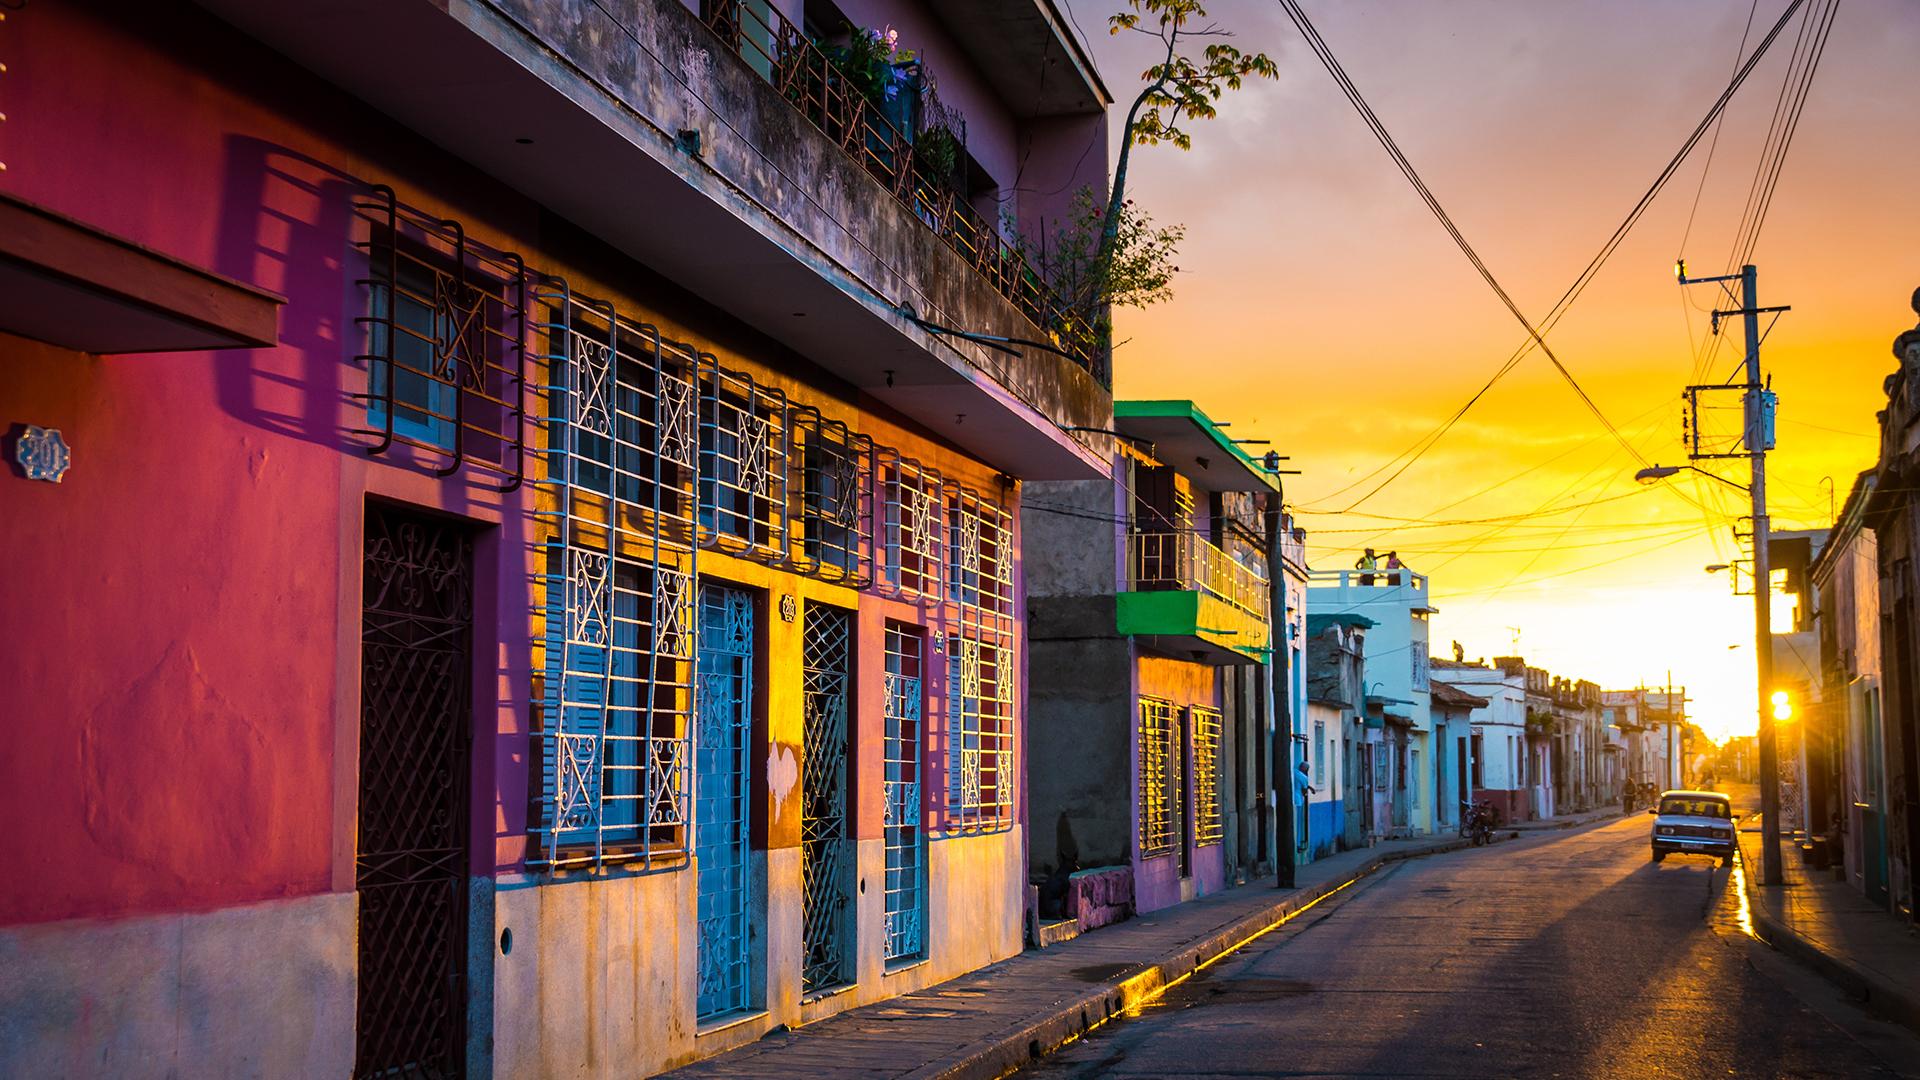 Χριστούγεννα 2018 /  Πρωτοχρονιά 2019 - Κούβα